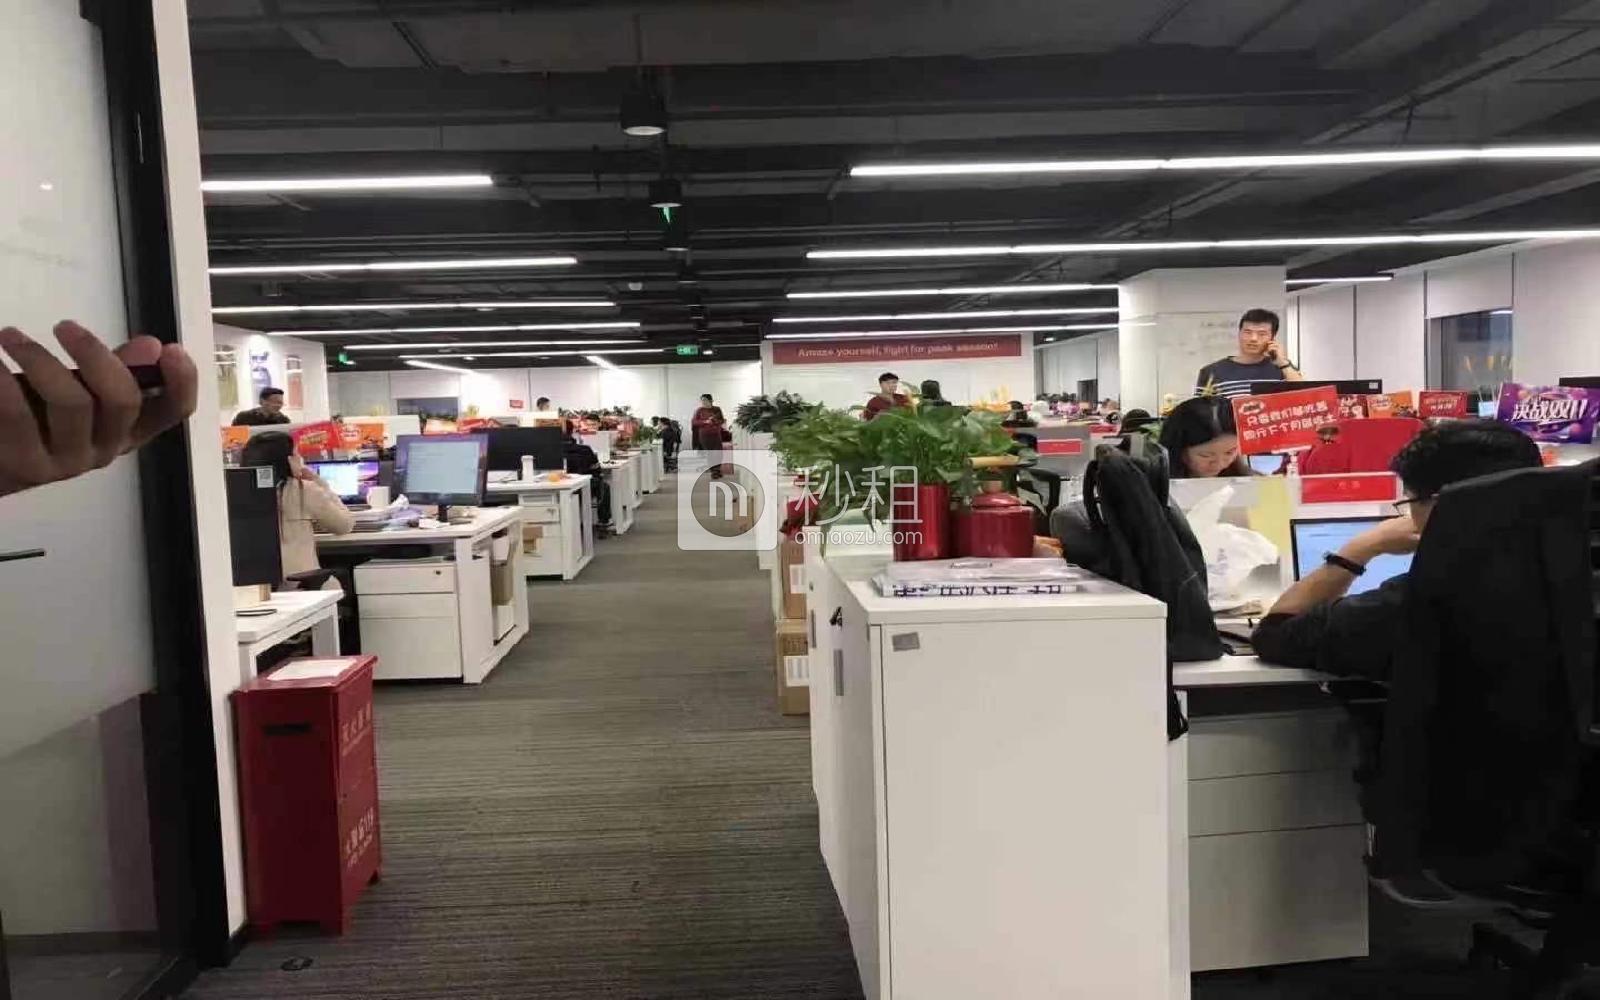 南山-科技园 华润城大冲商务中心 1948.57m²